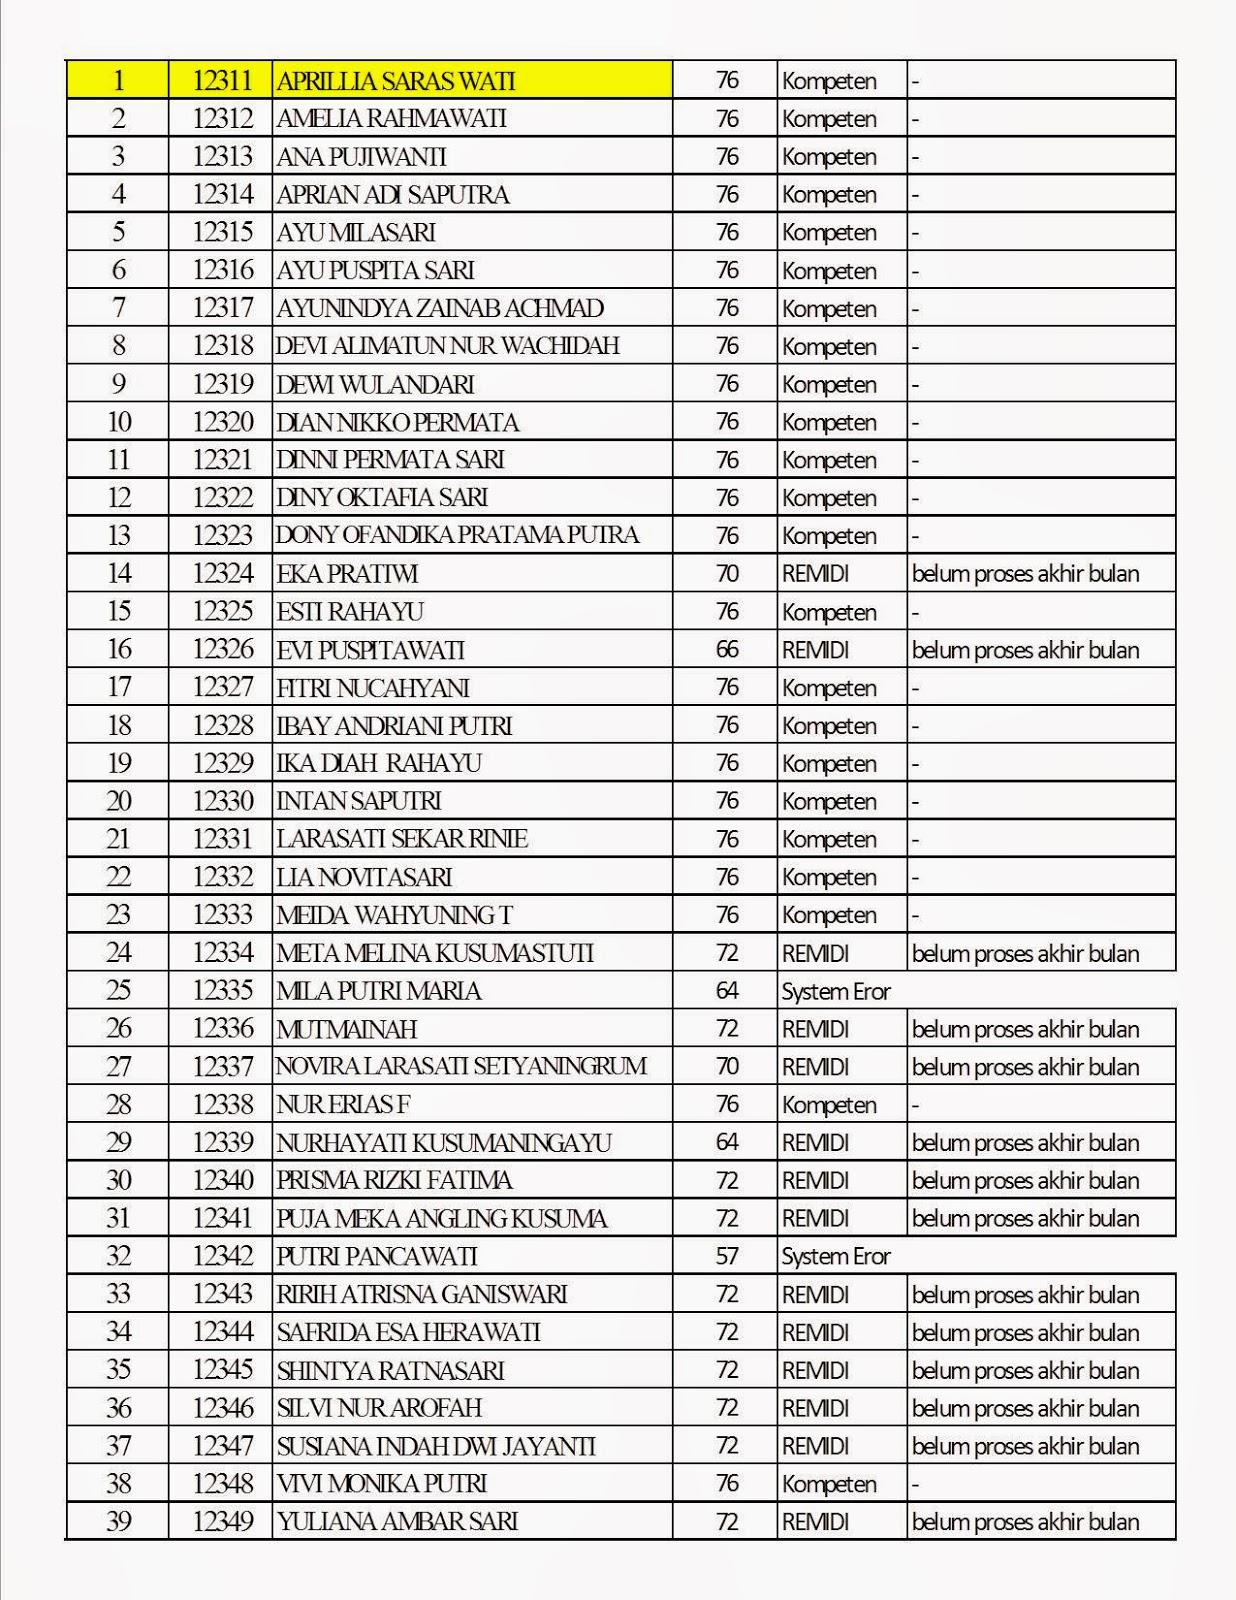 Nilai Ujian Semester Acurate Kelas Xi 30 11 2013 Hati Rembulan